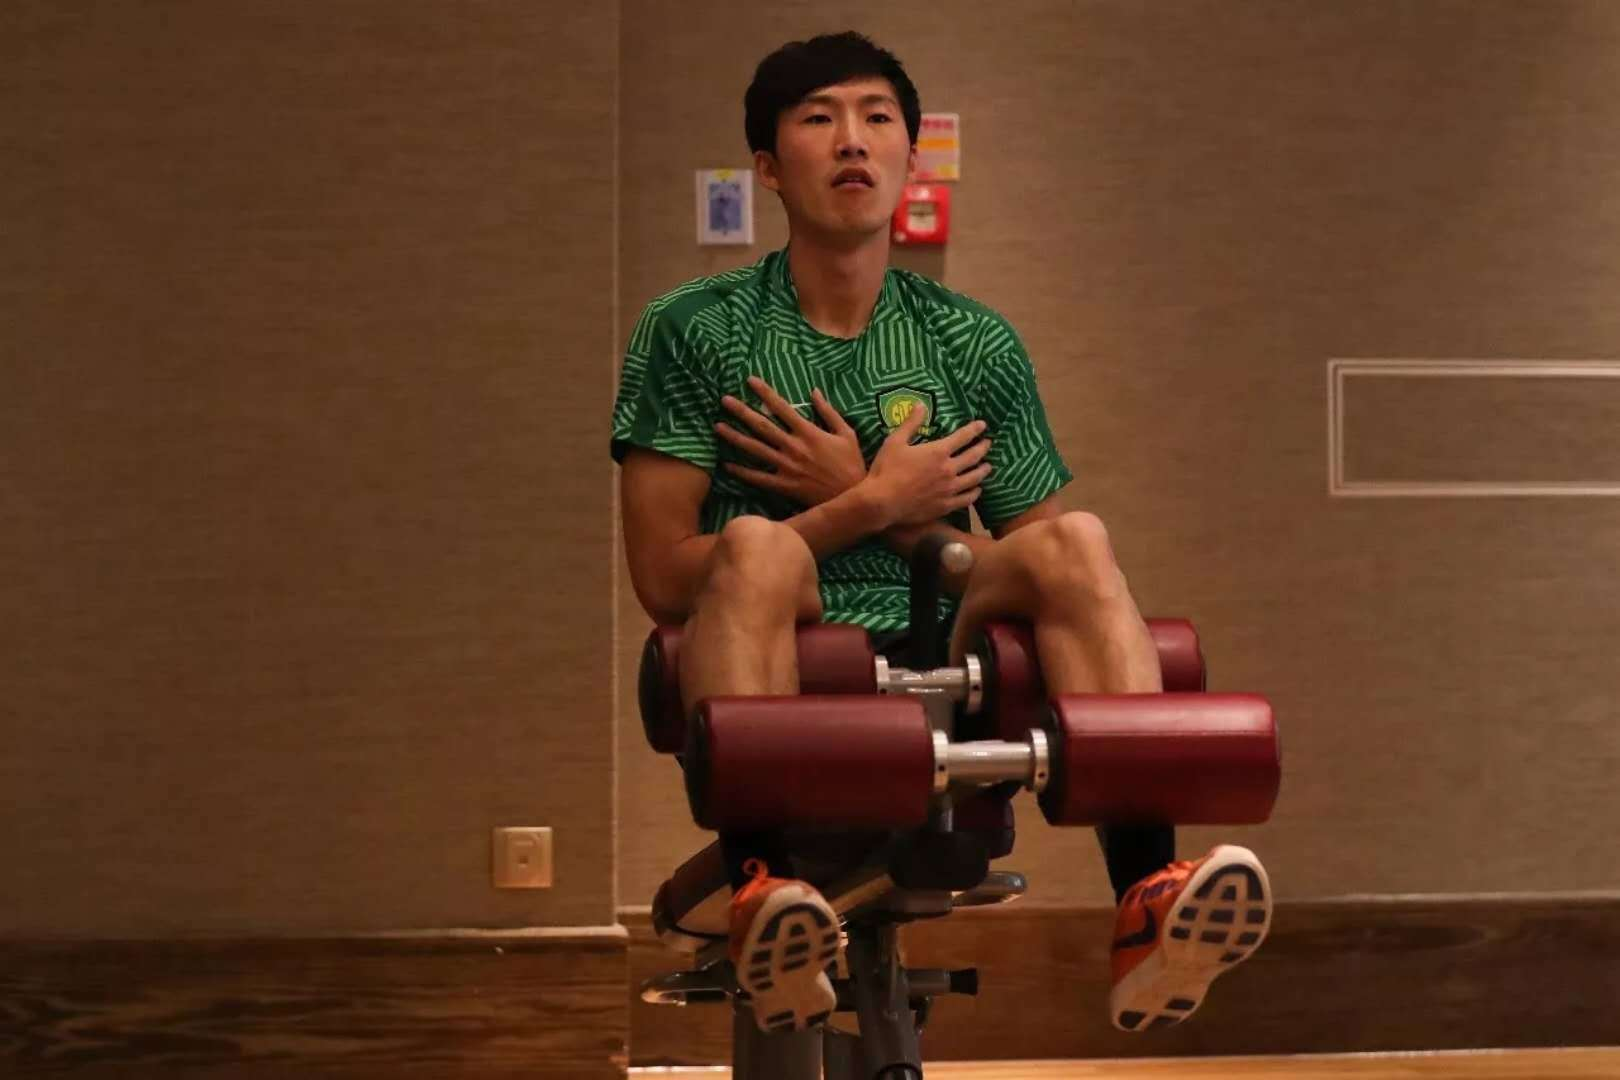 国安备战:晋鹏翔捂胸练力量 于洋蹲杠铃(图)